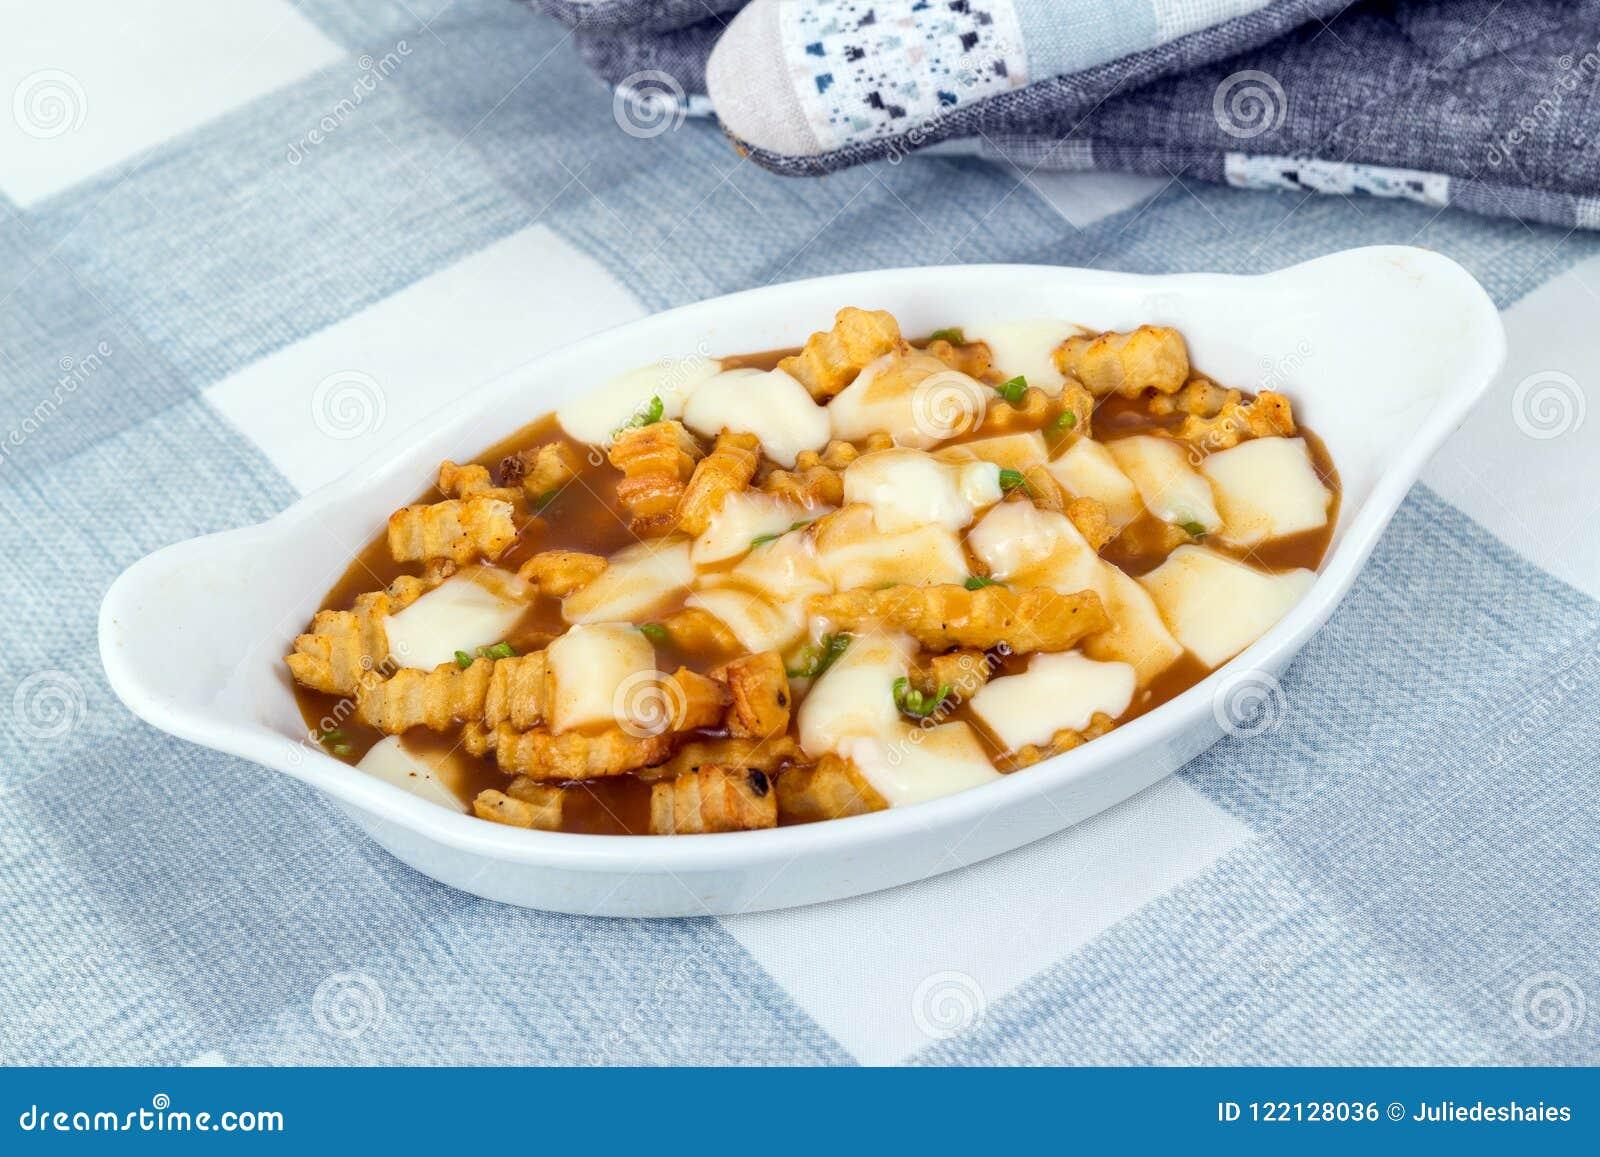 Εύγευστο γεύμα poutine εστιατορίων στο καναδικό γεύμα μΑ τραπεζομάντιλων